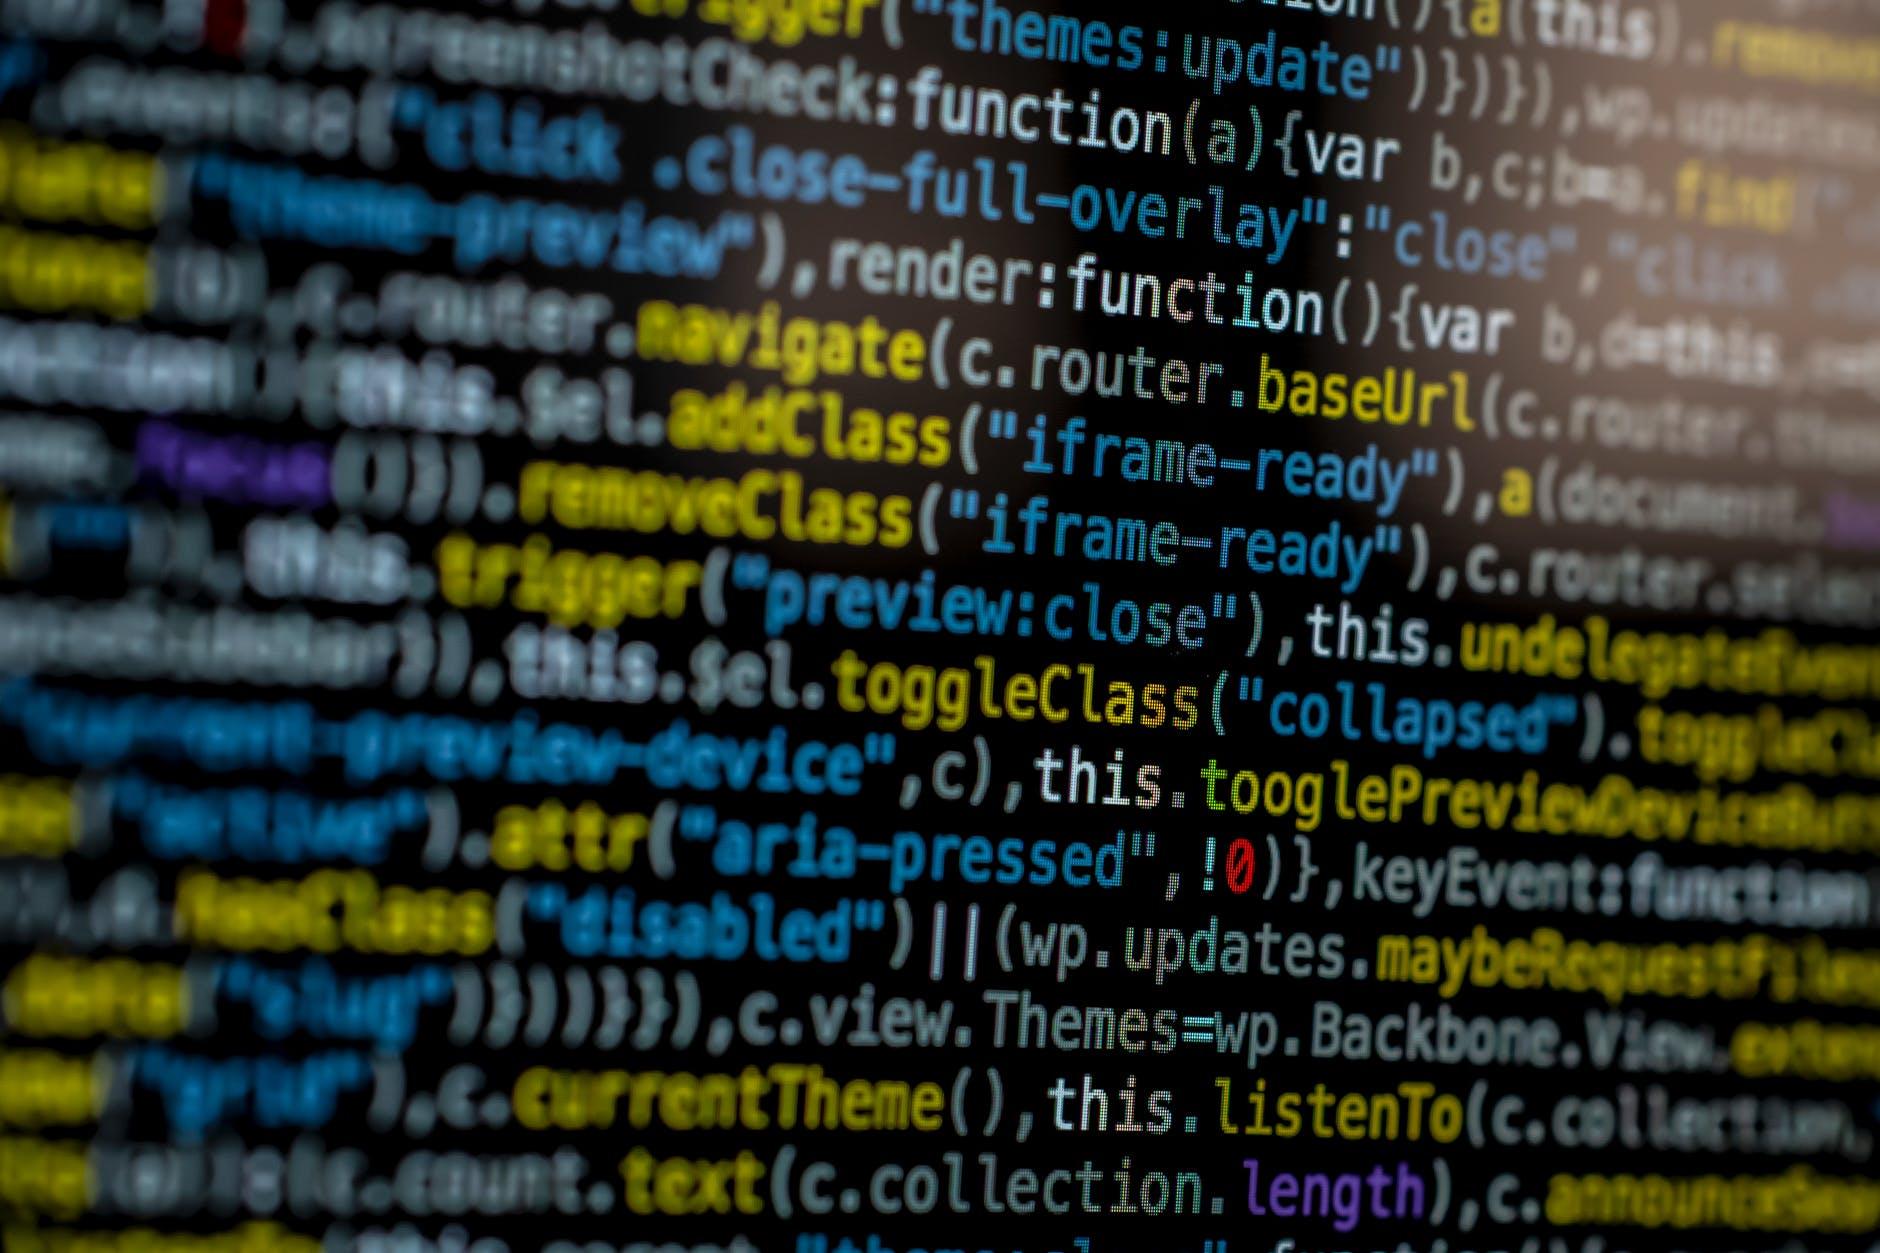 МИД назвал страны, откуда совершались кибератаки на Россию в 2020 году